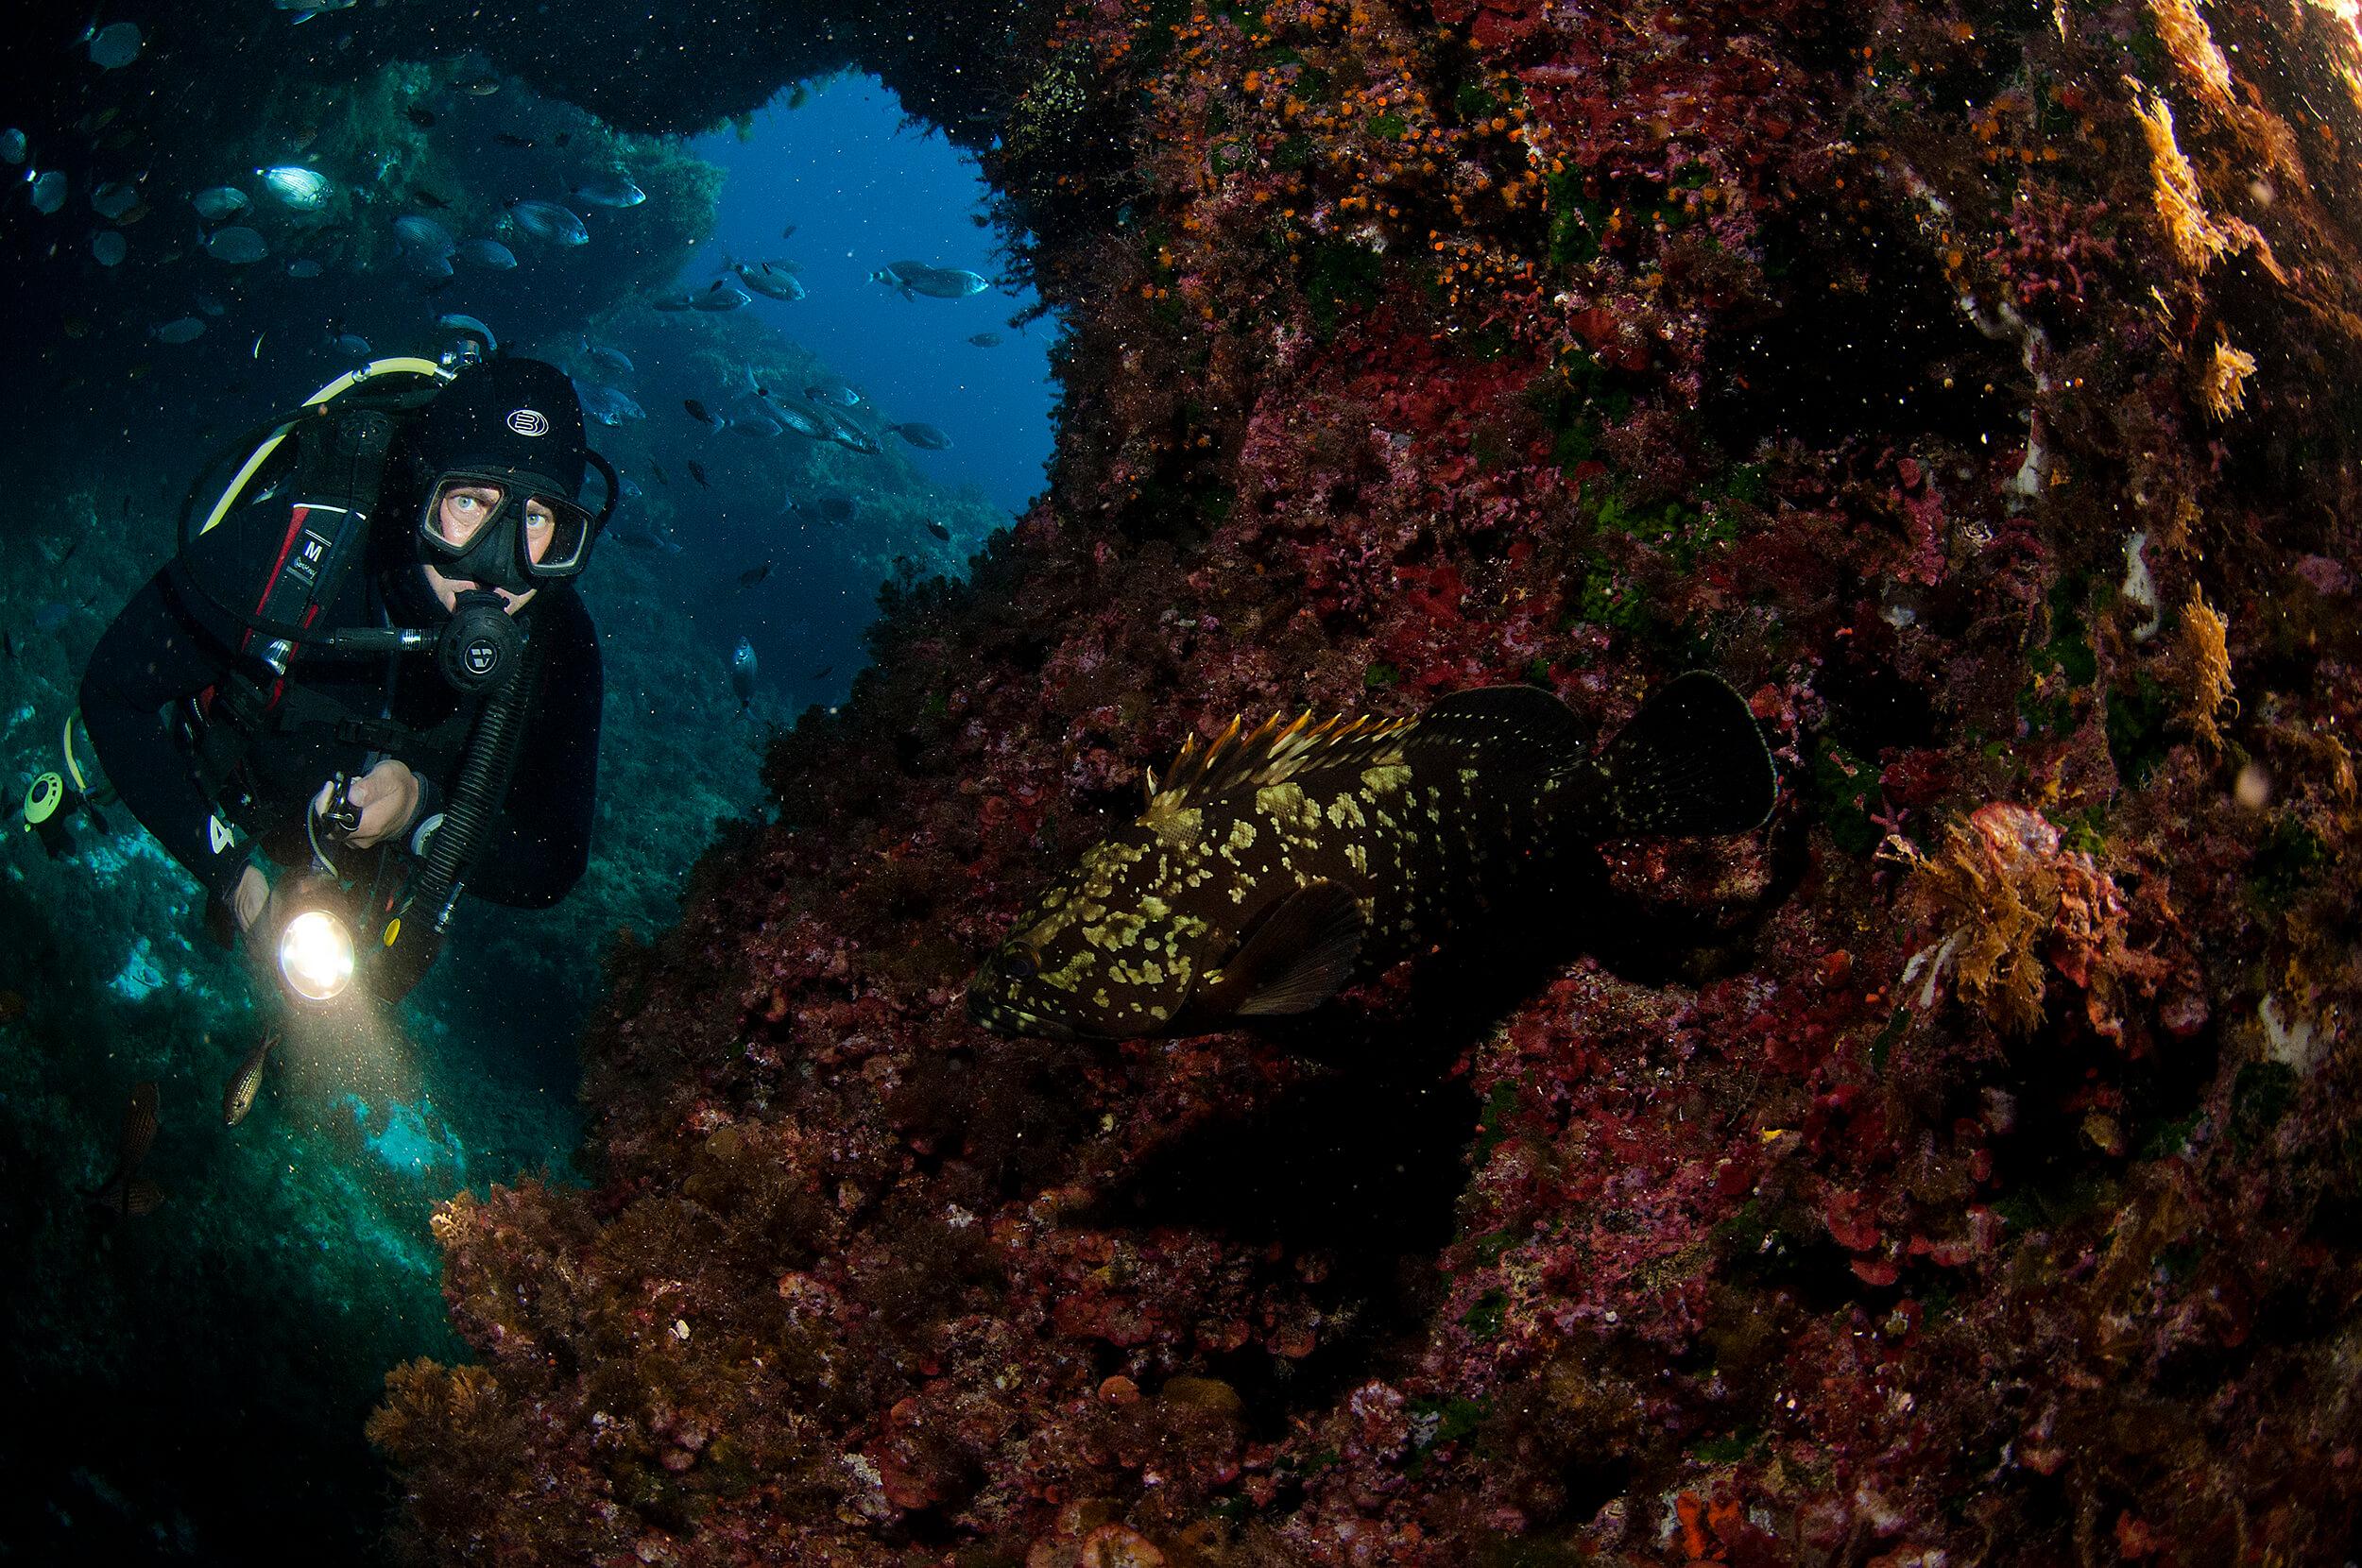 Grouper scuba diving